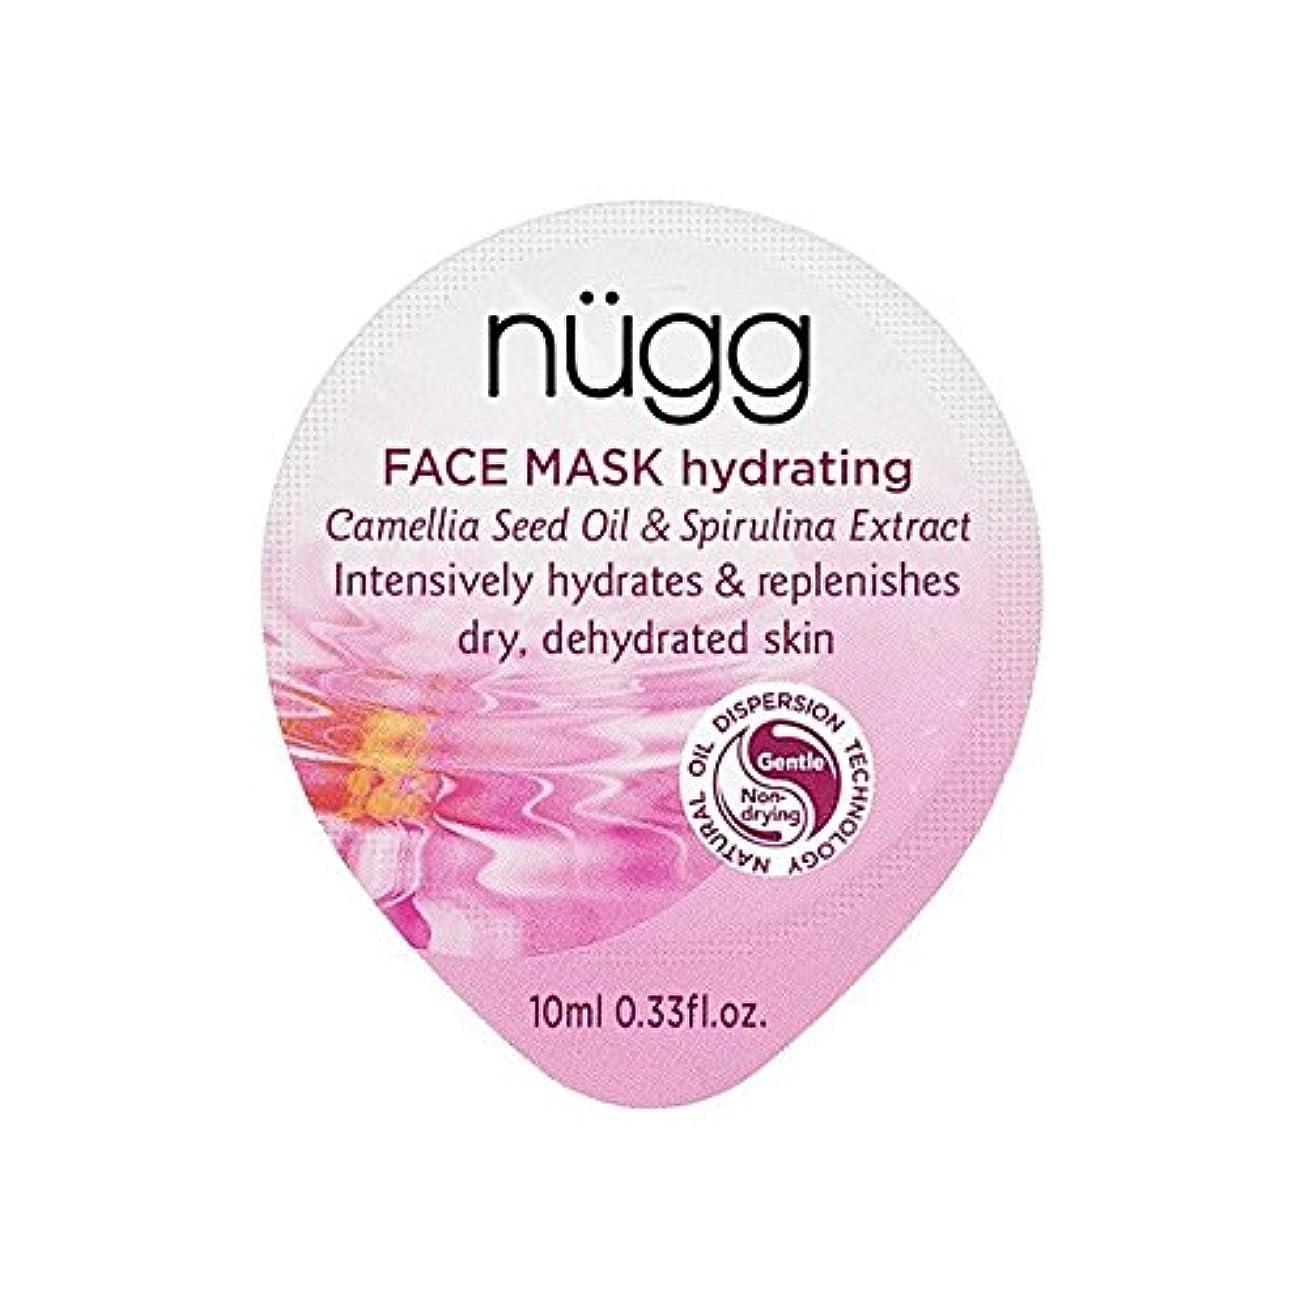 ヒット重なるのみ水和フェイスマスク x4 - Nugg Hydrating Face Mask (Pack of 4) [並行輸入品]